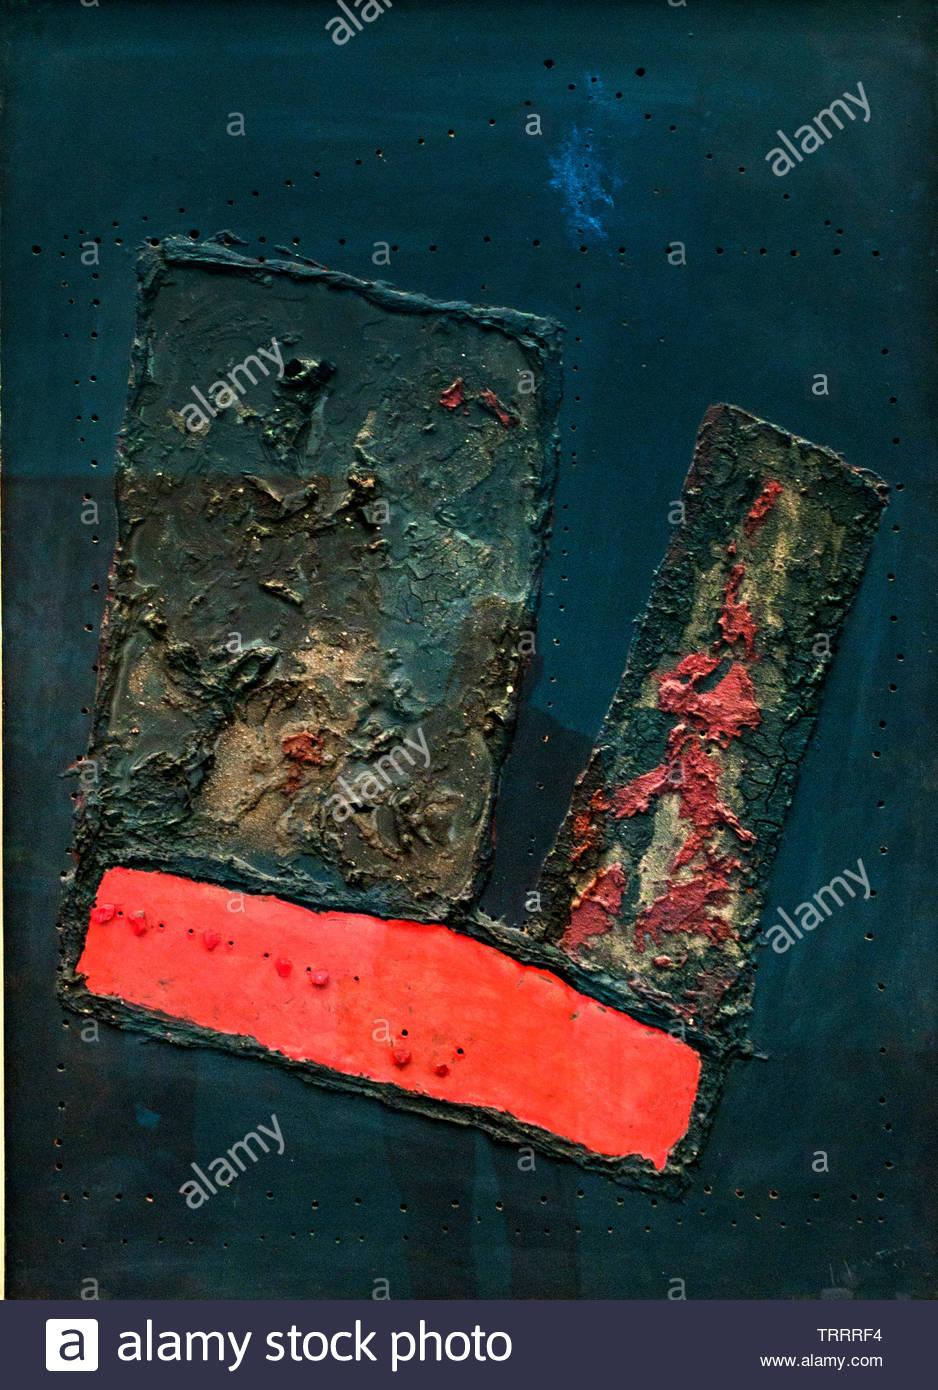 Concetto spaziale - Concetto spaziale 1955 Lucio Fontana nato nel 1899 Argentine-Italian pittore e scultore , Spazialismo. Italia Immagini Stock